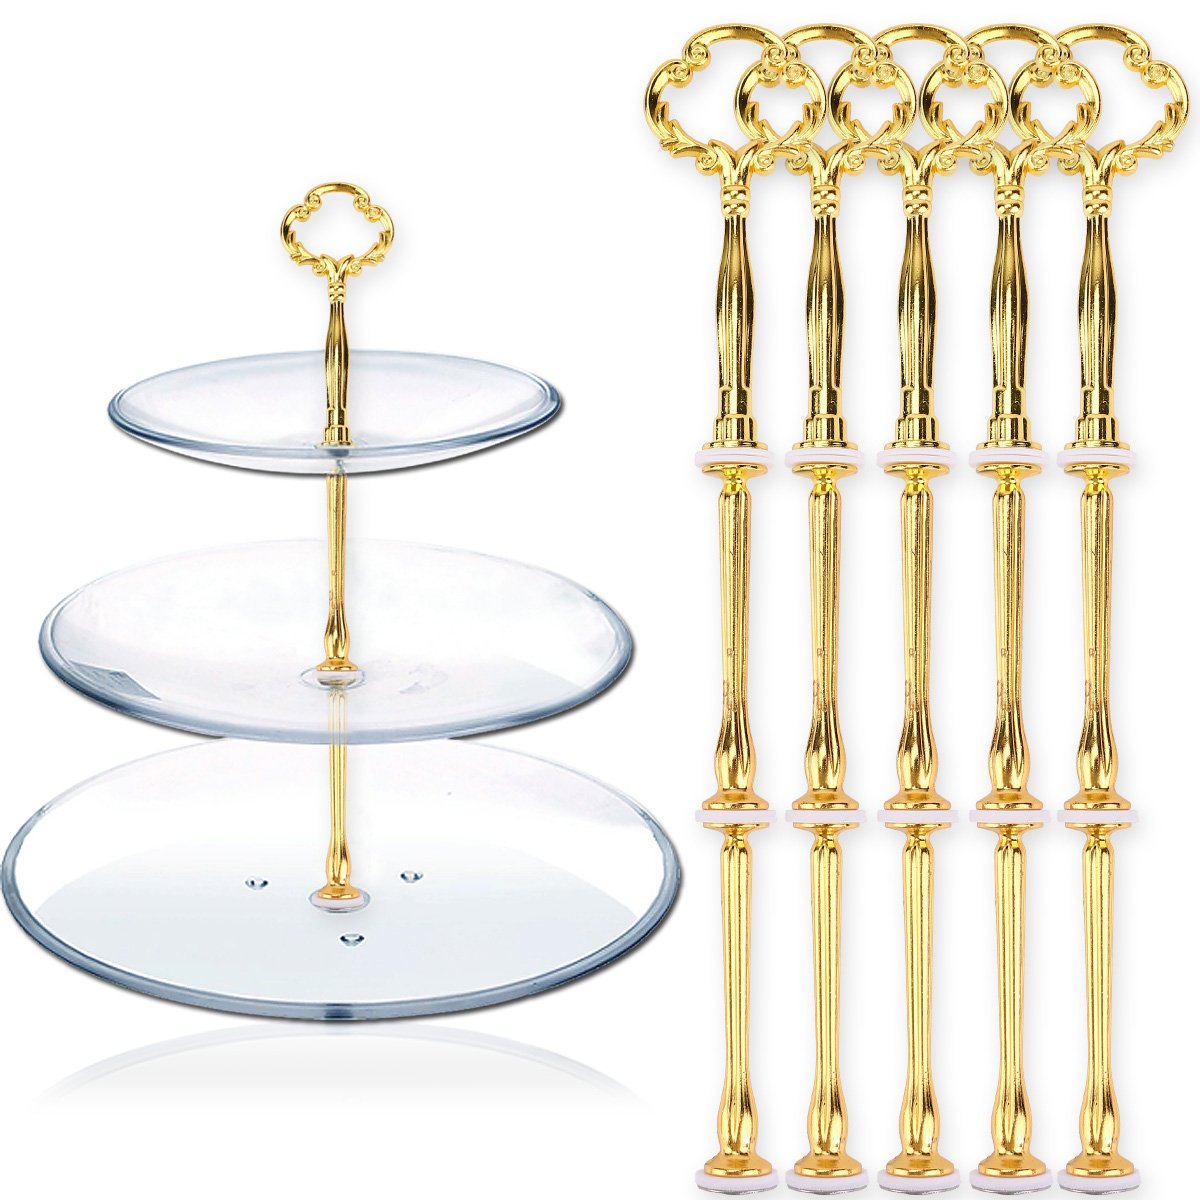 Gold *Original bei Sofortdeins* 5 x Blume Motive mini Metallstangen Mittellochausstech f/ür 2 bis 3 Etage Etagere Etagenplatte Hochzeitstorte Tortenst/änder 21cm